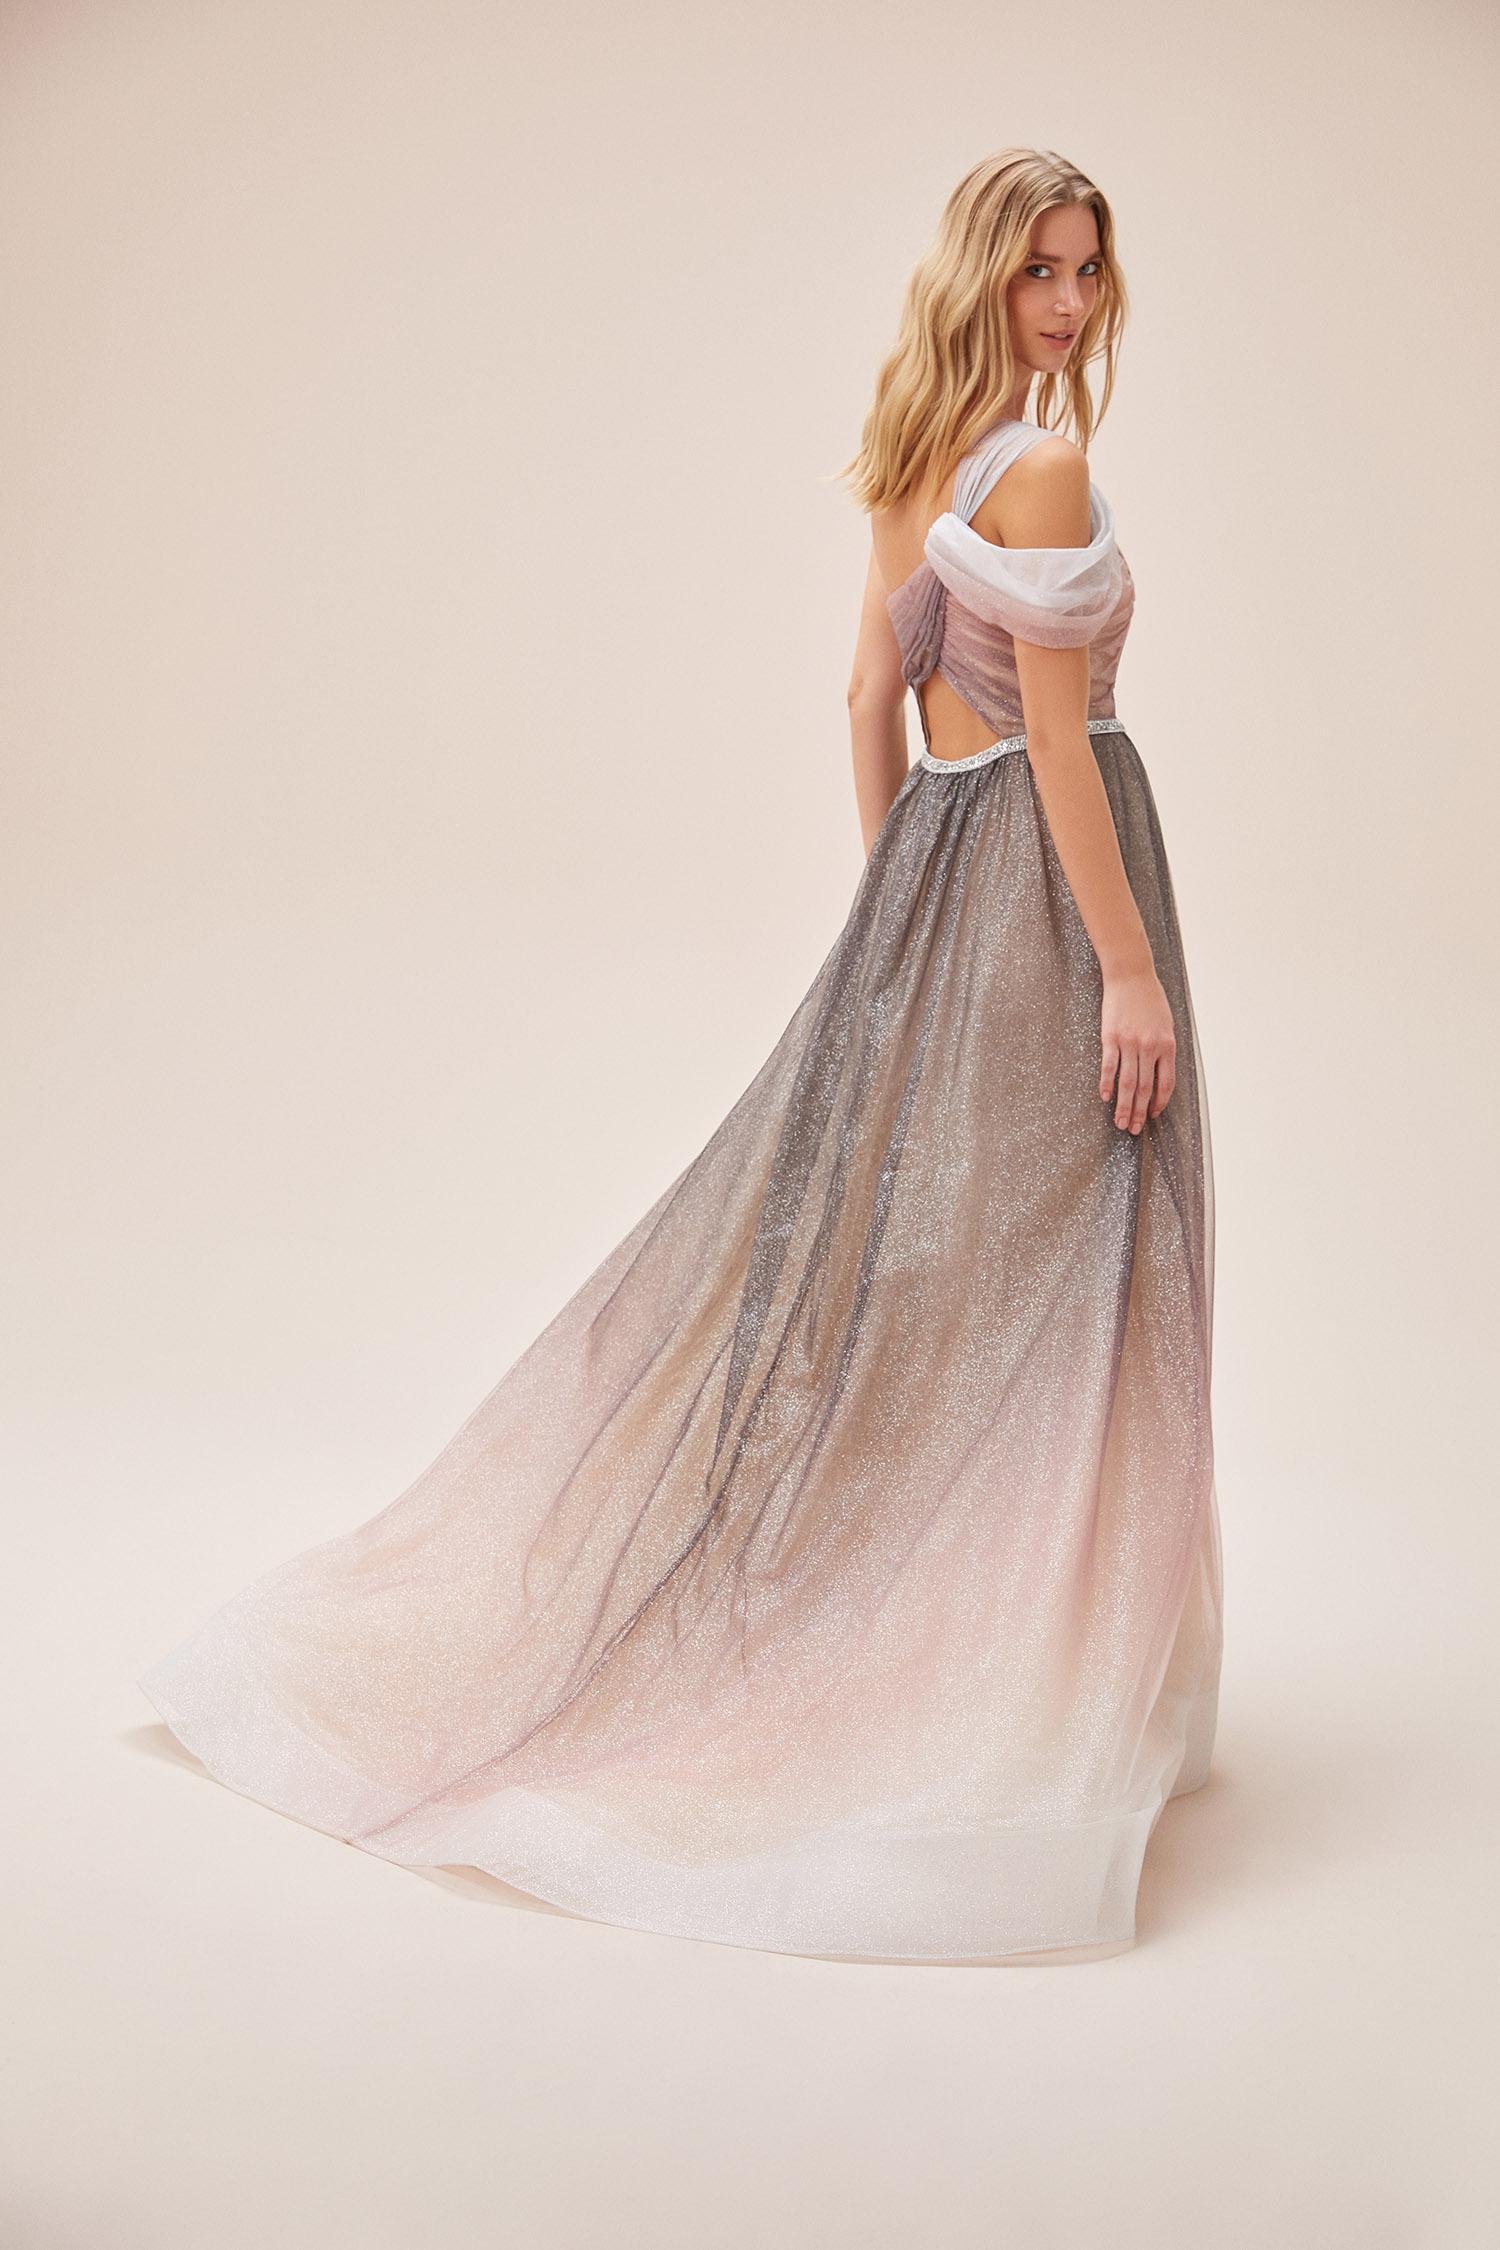 Tek Omuzlu Işıltılı Yırtmaçlı Uzun Romantik Abiye Elbise - Thumbnail